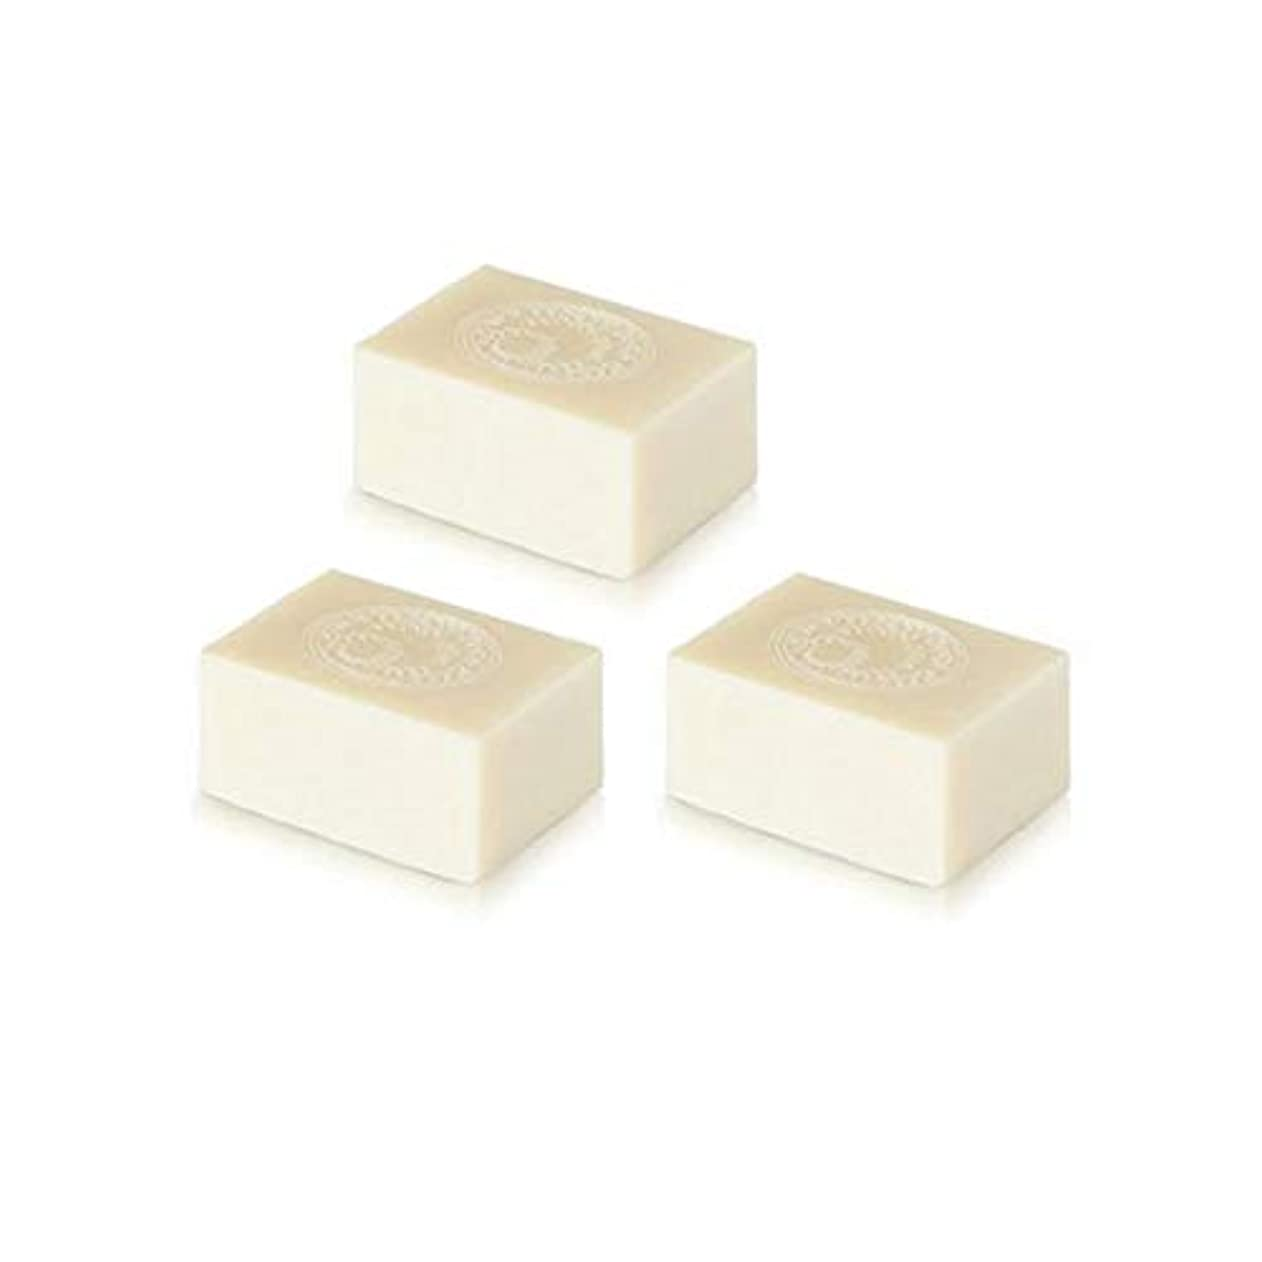 パノラマ創始者悩むアルガン石鹸3個セット( 145g ×3個) アルガンオイルの完全無添加石鹸